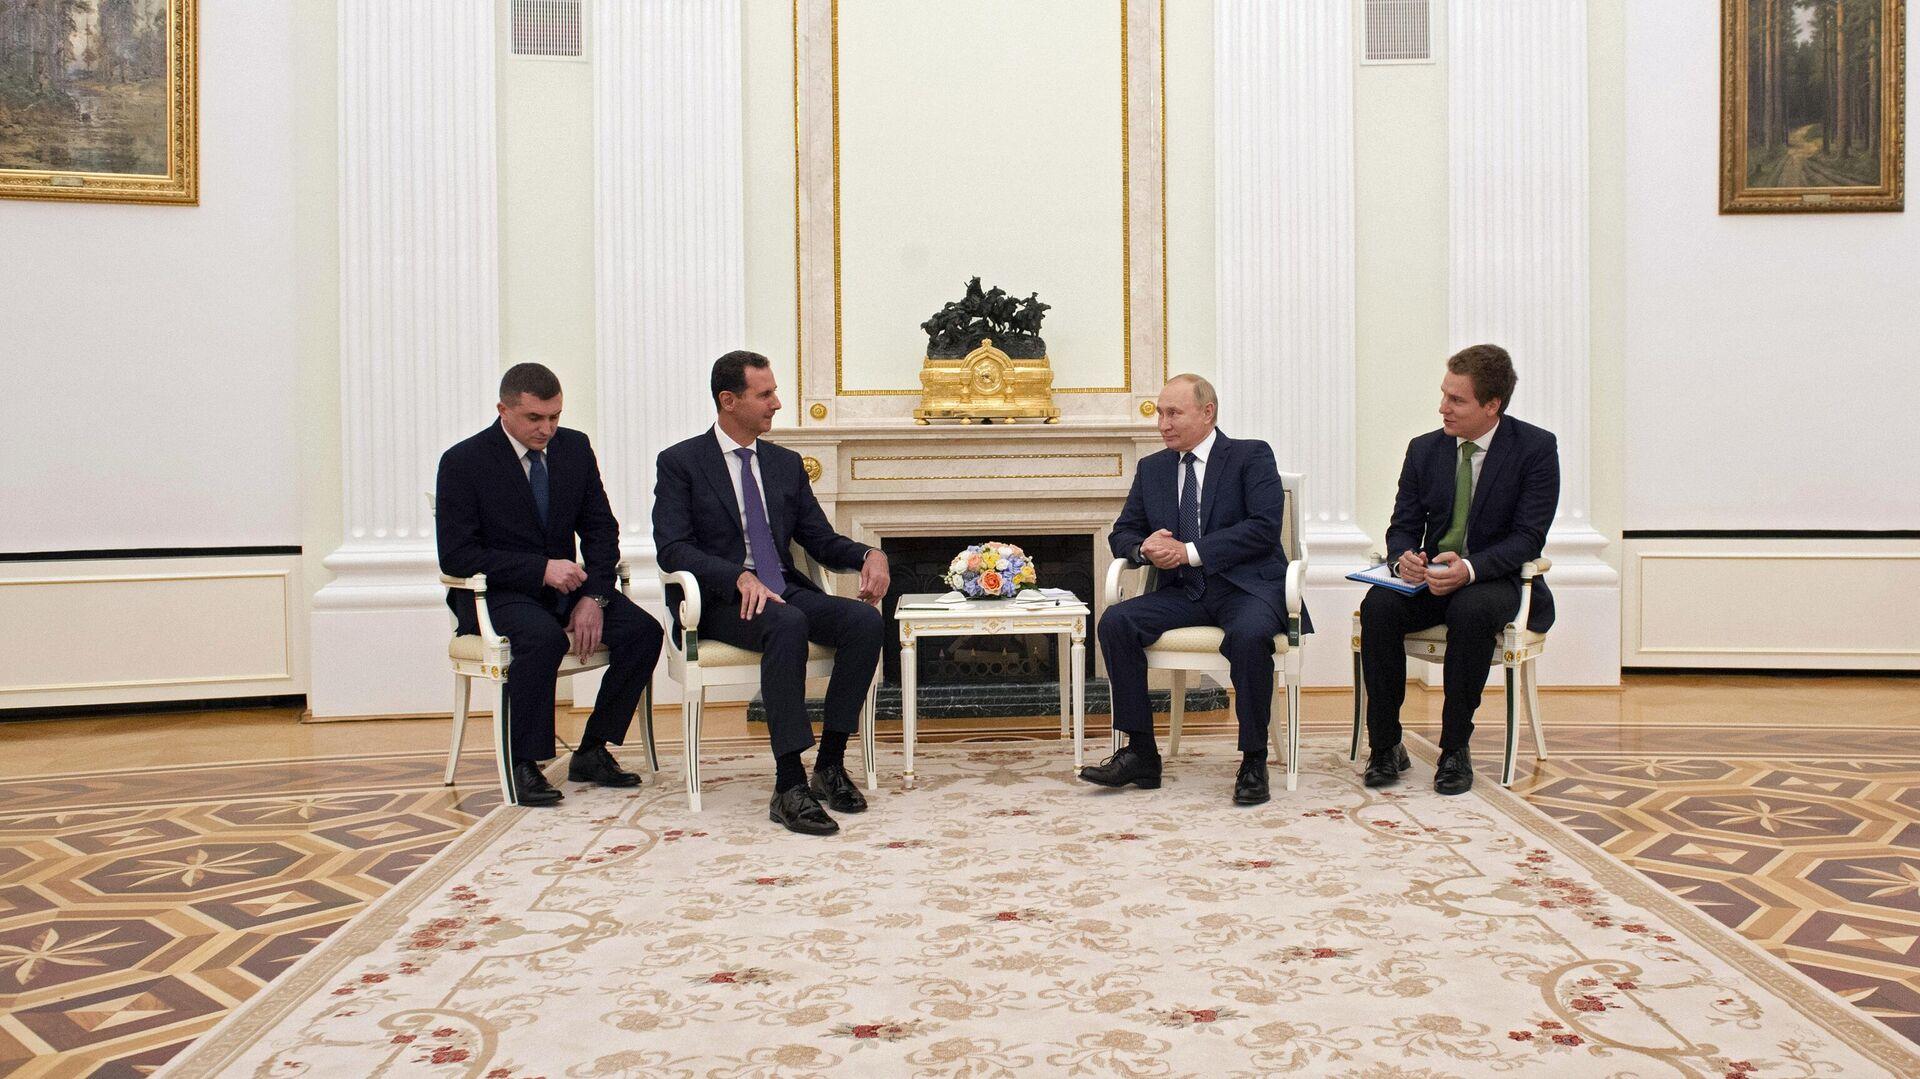 Президент РФ Владимир Путин и президент Сирии Башар Асад во время встречи - РИА Новости, 1920, 14.09.2021